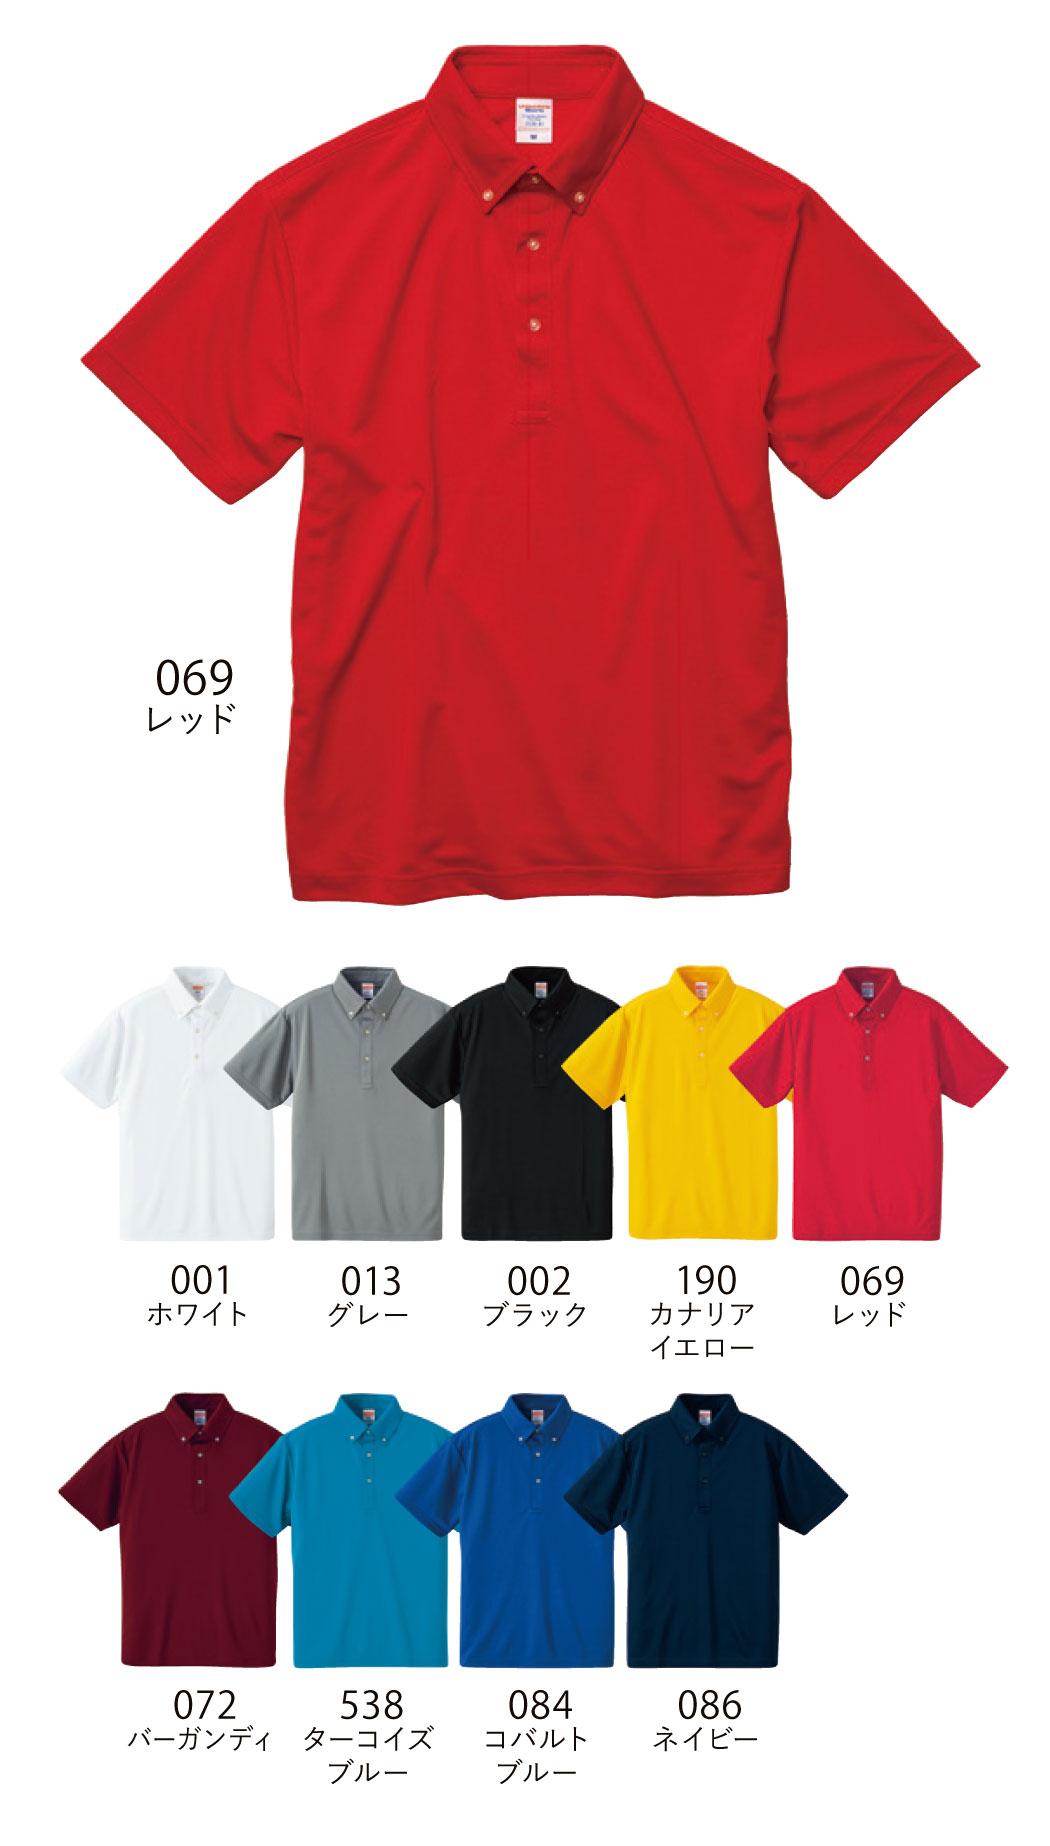 5920-01ドライアスレチックポロシャツ(ボタンダウン) カラー見本